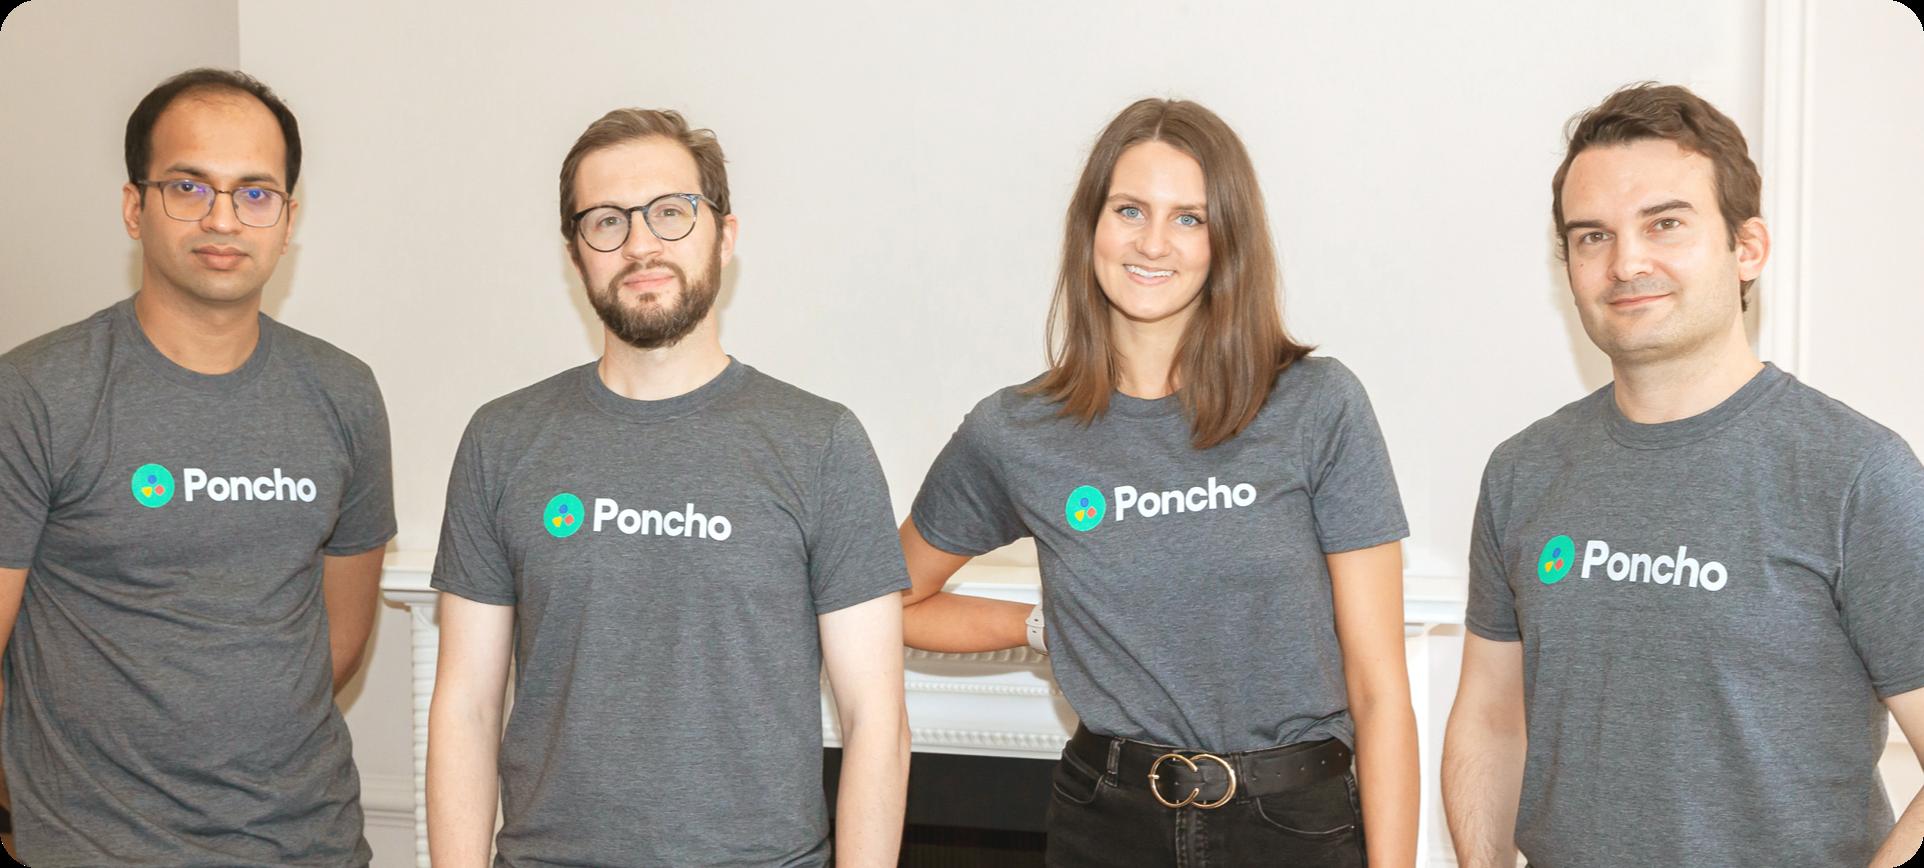 Poncho team photo